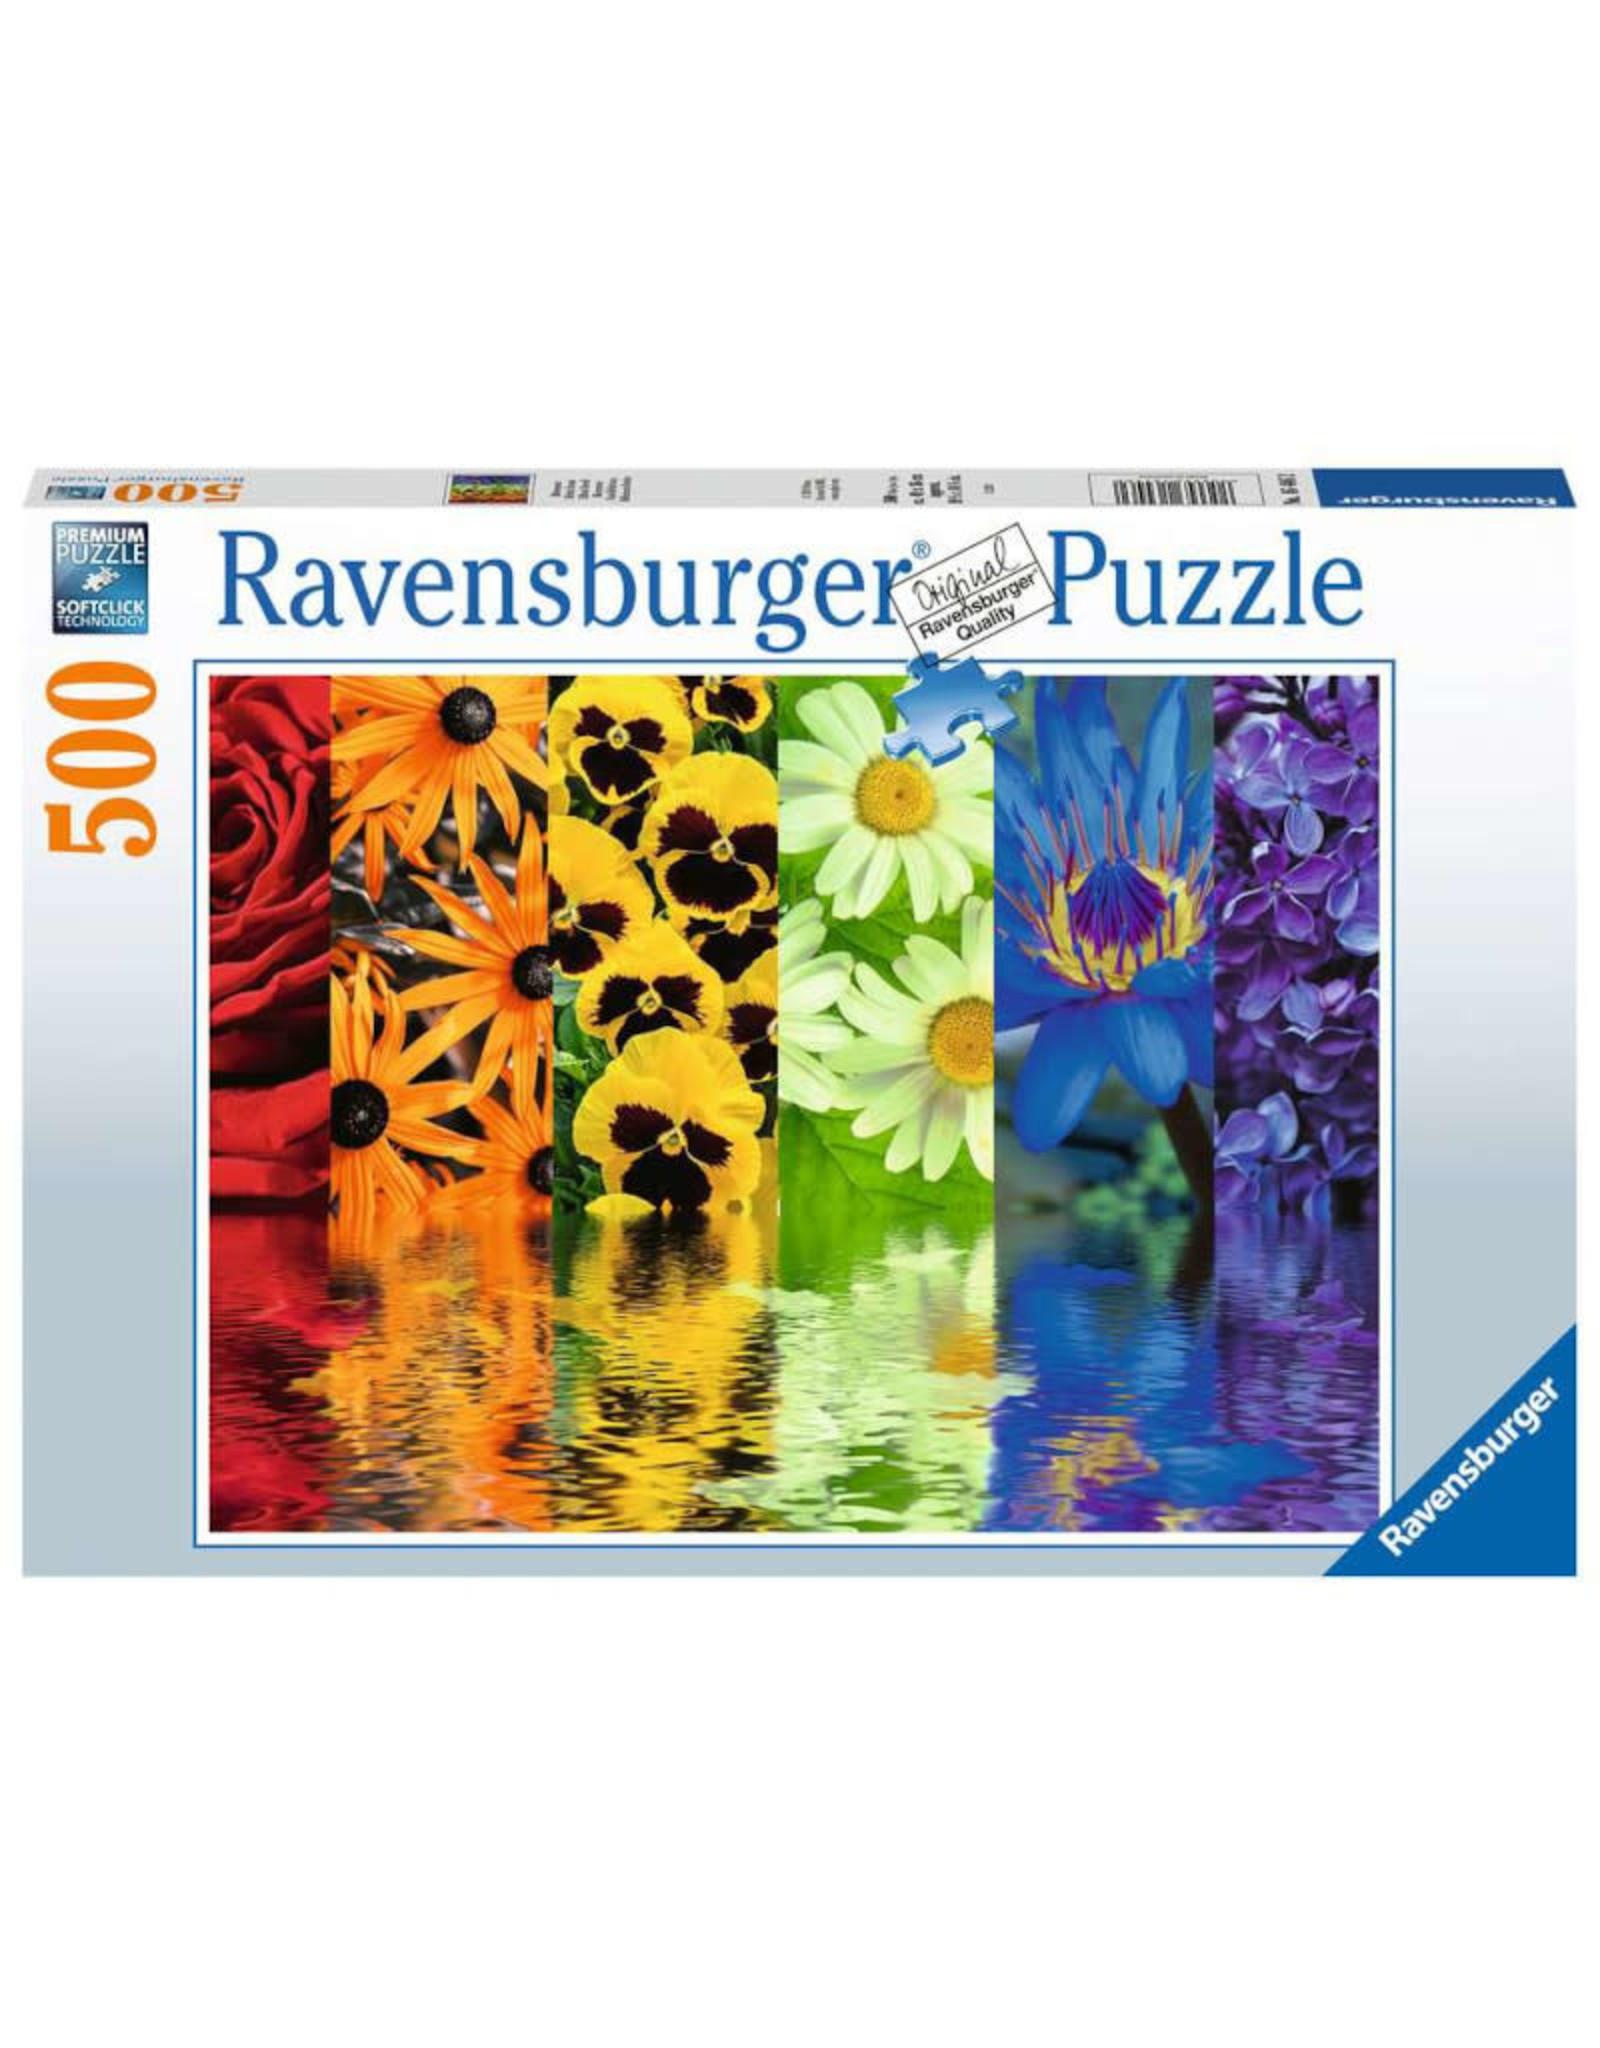 Ravensburger Floral Reflections Puzzle 500 PCS